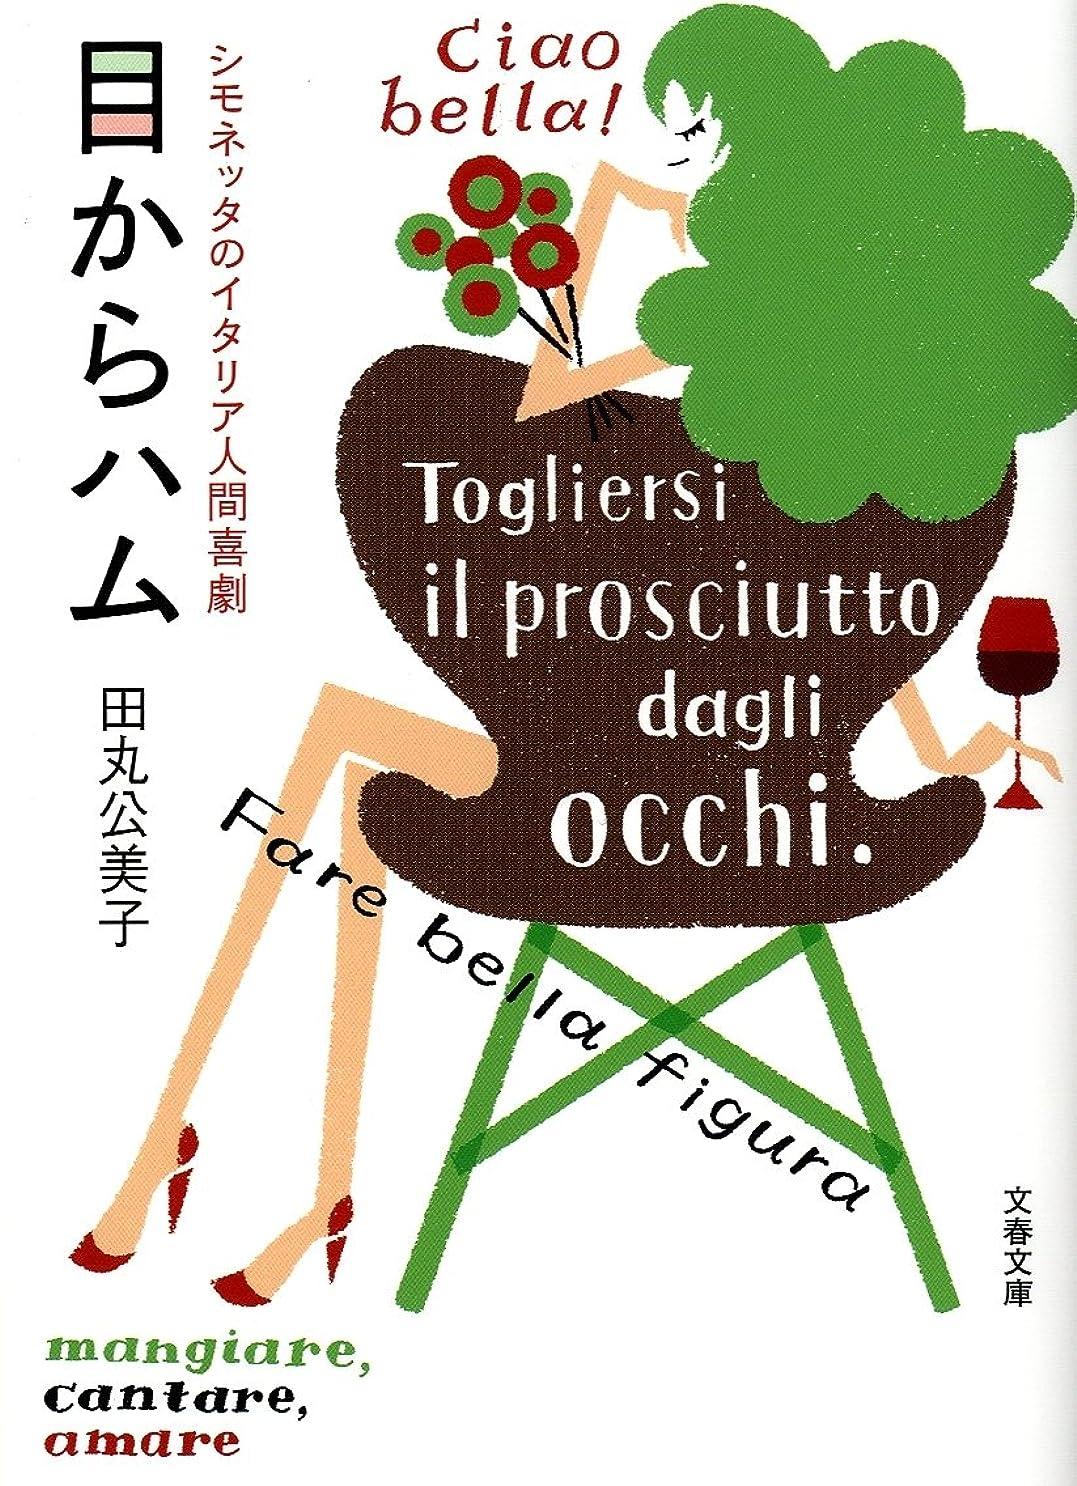 ゴミ箱を空にする不可能な刺す目からハム シモネッタのイタリア人間喜劇 (文春文庫)